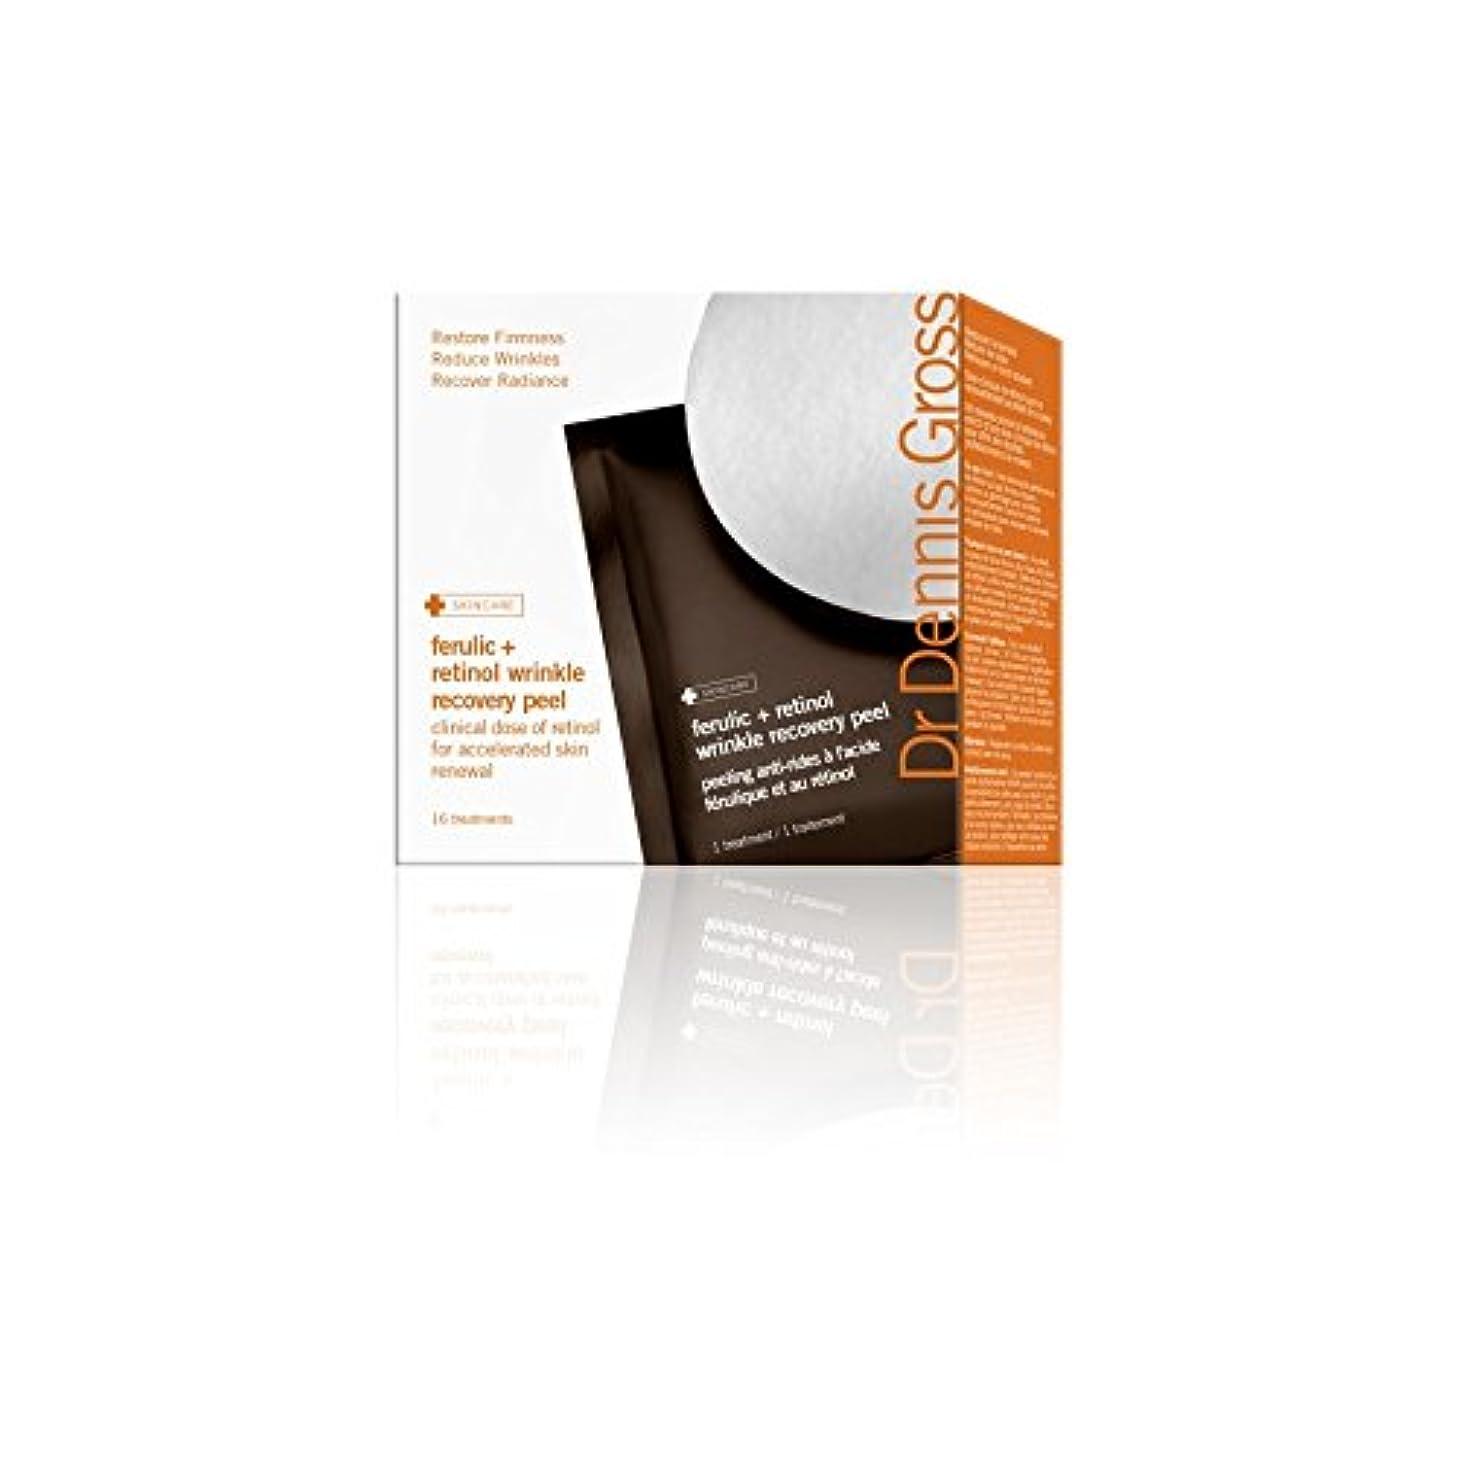 こだわり進む猛烈なデニース?グロスフェルラとレチノールしわ回復の皮(16パック) x2 - Dr Dennis Gross Ferulic And Retinol Wrinkle Recovery Peel (16 Pack) (Pack...